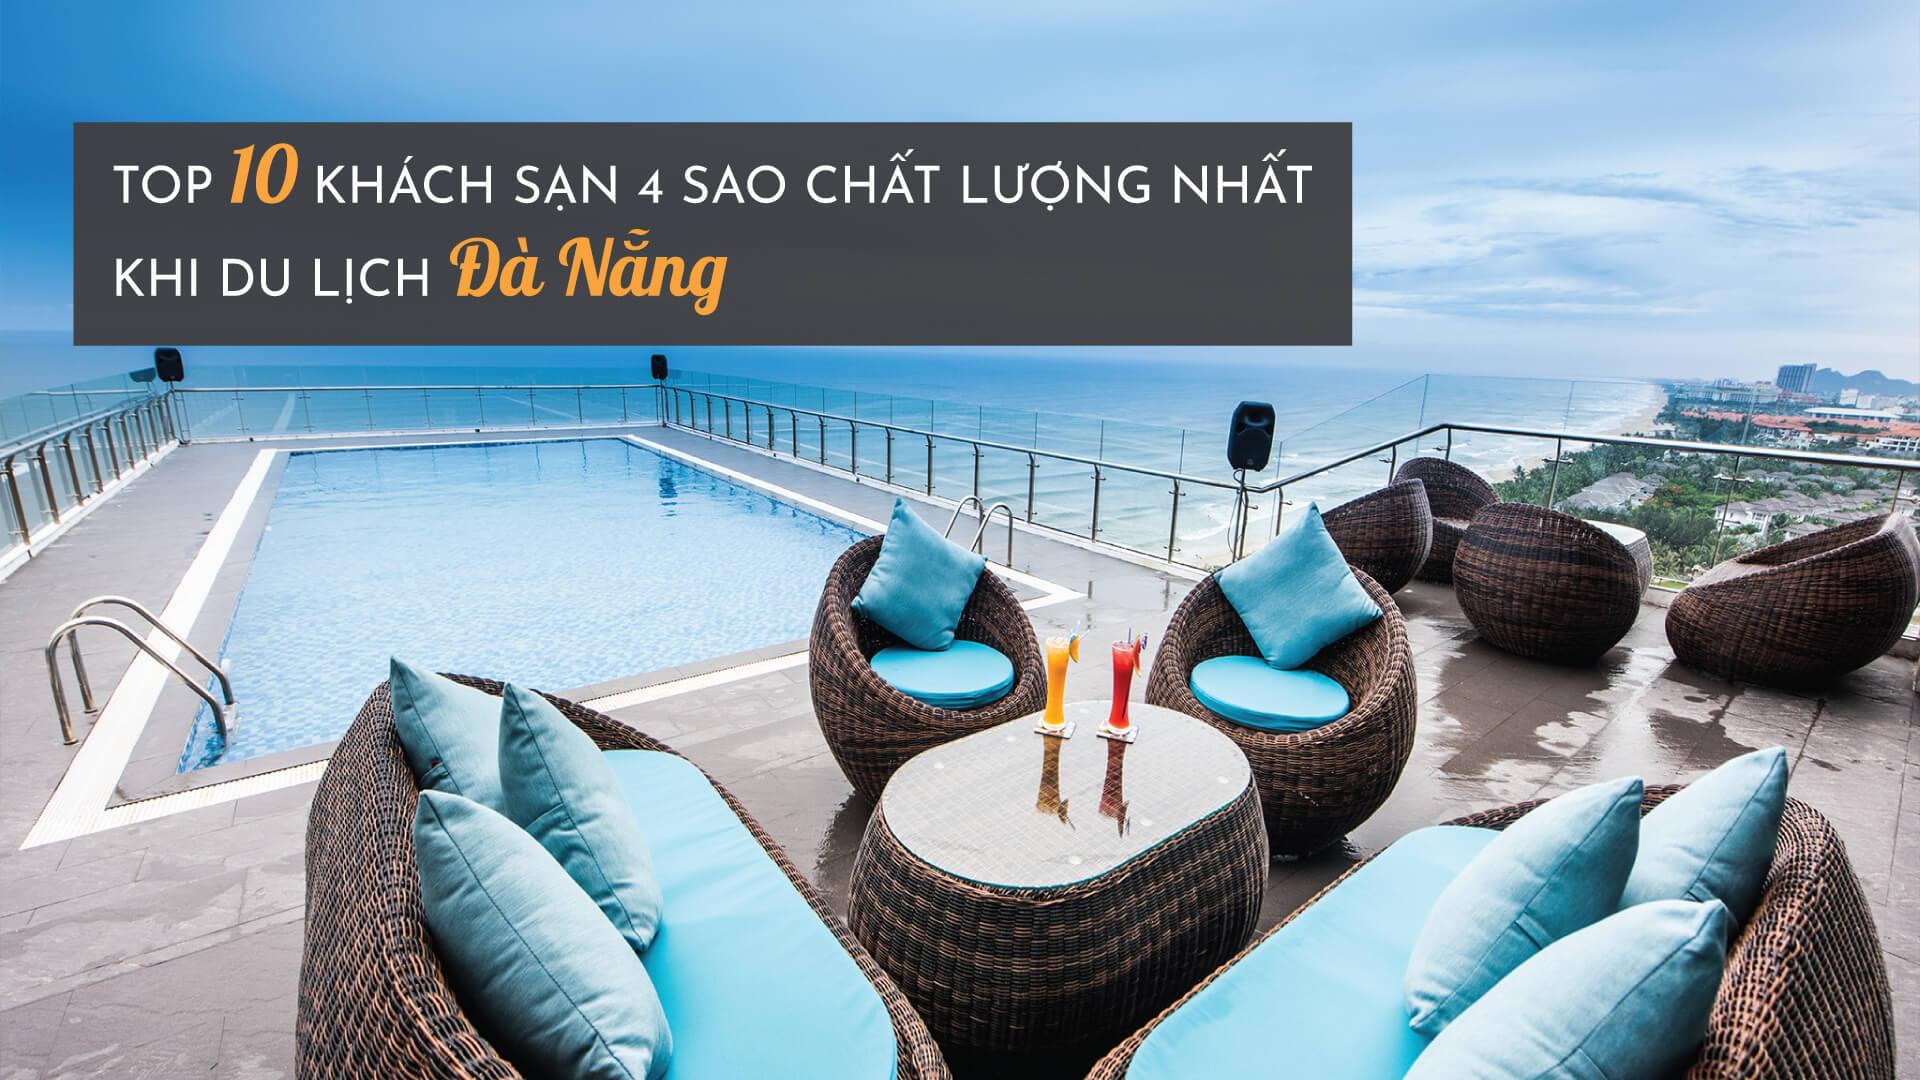 Top 10 khách sạn 4 sao chất lượng nhất khi du lịch Đà Nẵng